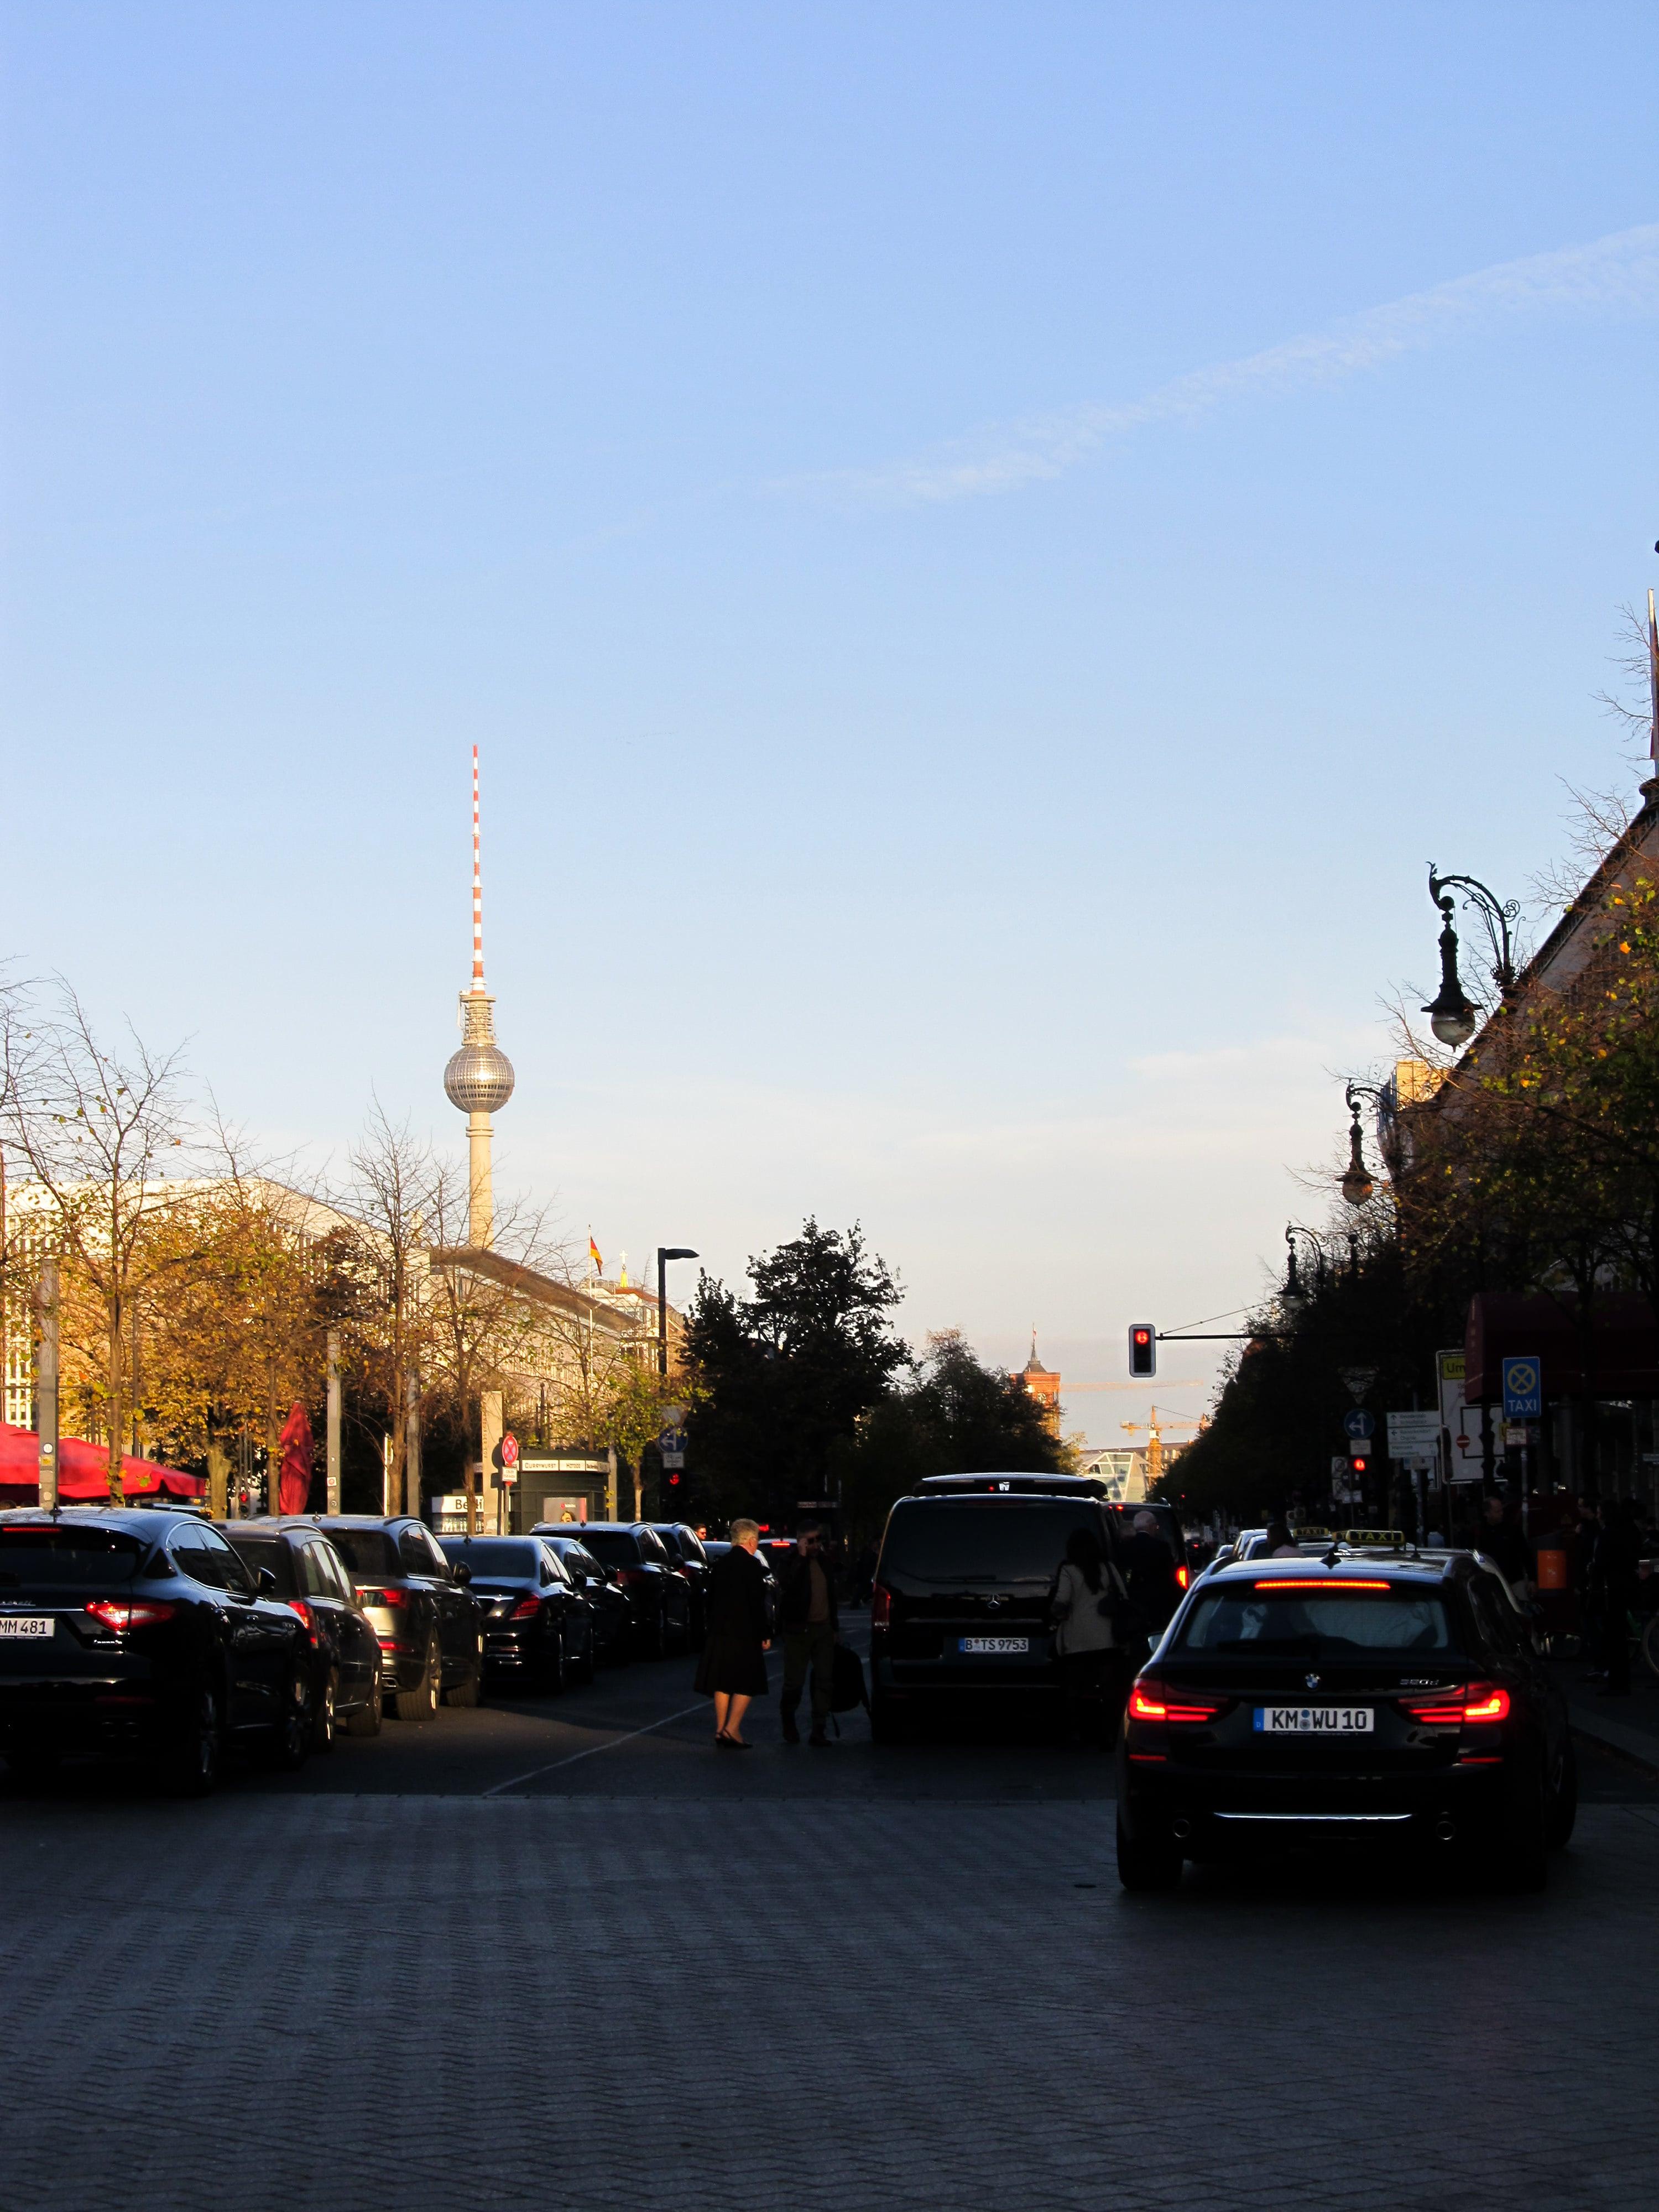 Porte de Brandebourg : En route pour Berlin avec un nouveau city-guide sur le blog Unterwegs.